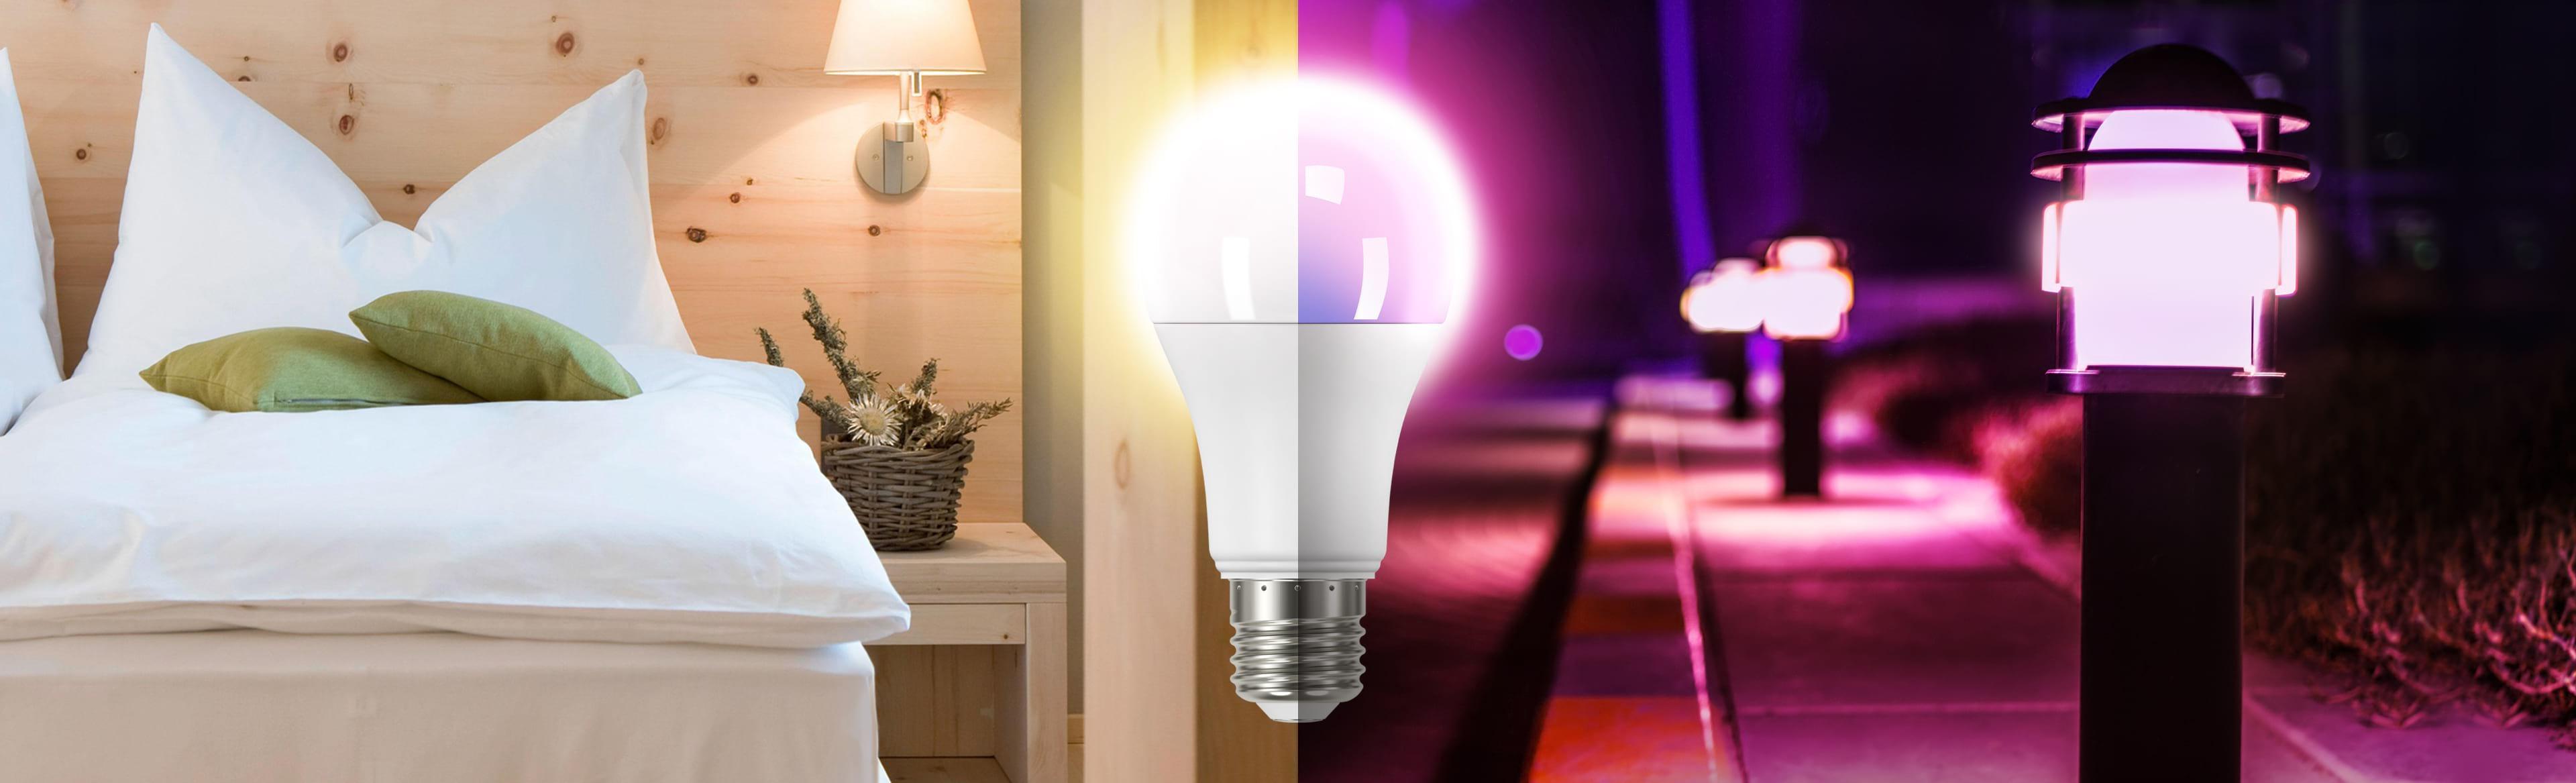 Aeotec LED bulb 6